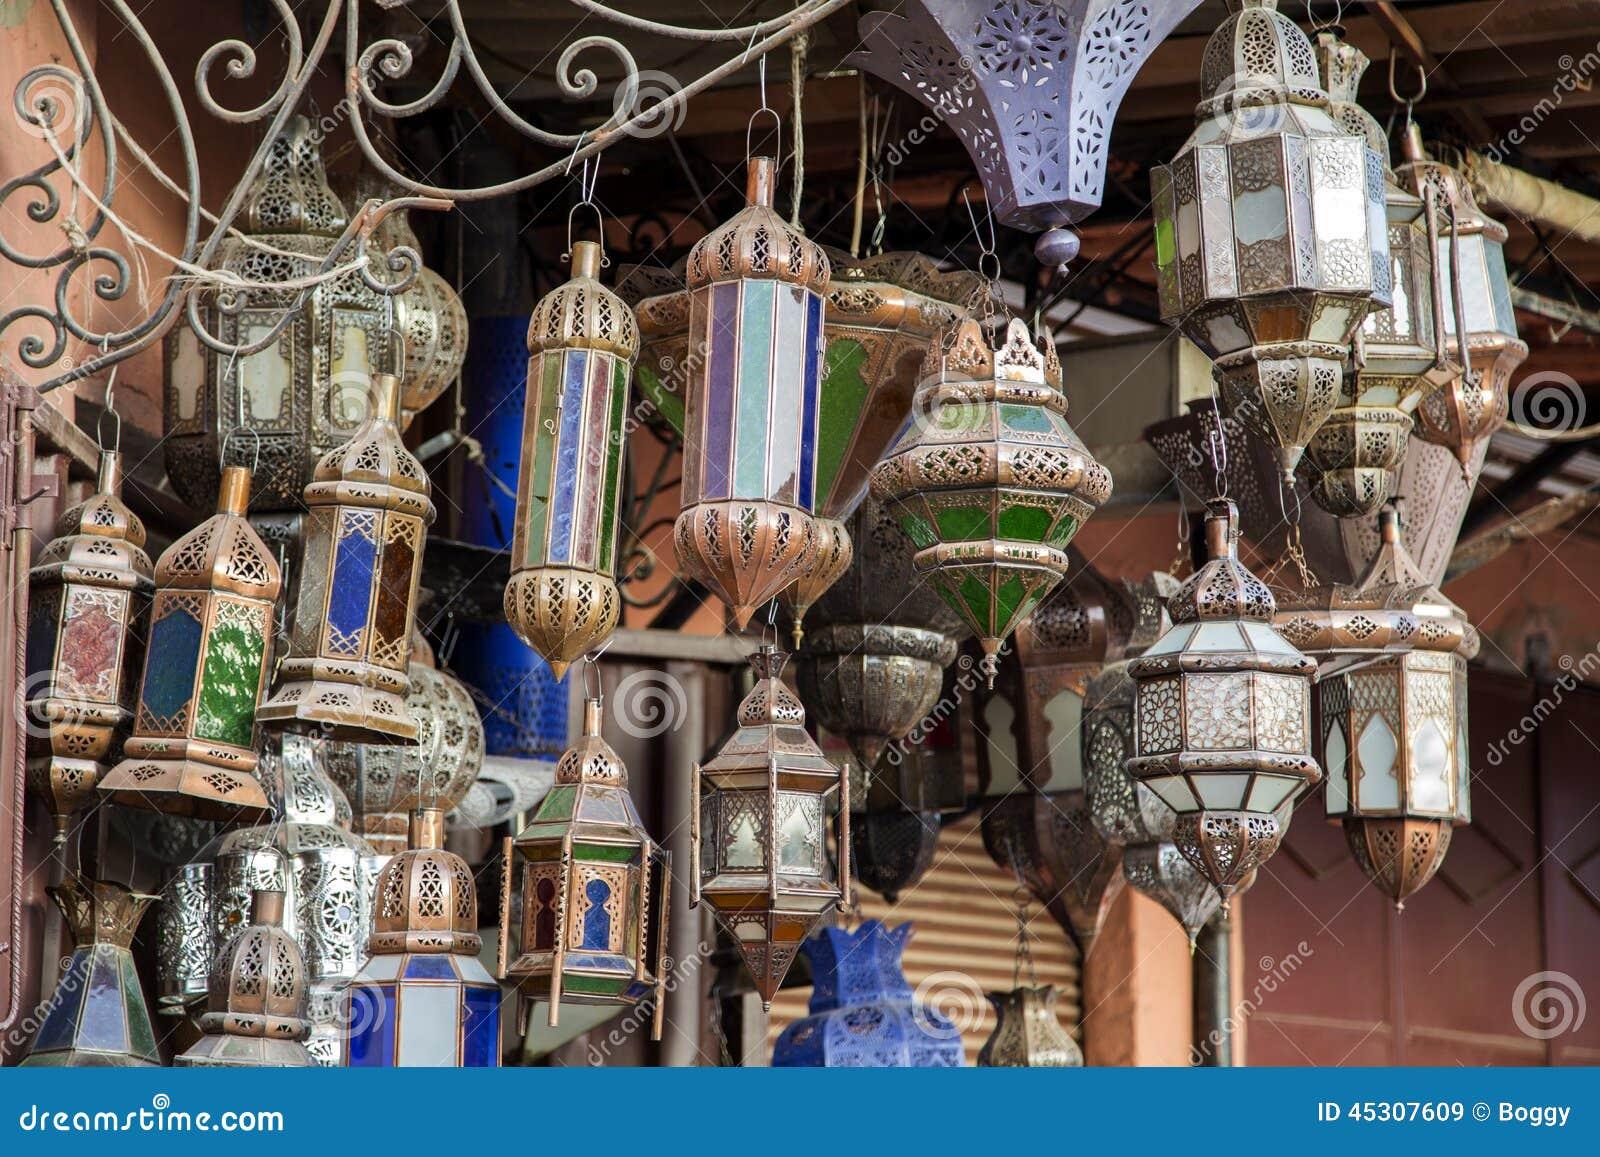 Orientalische lampen stockfoto bild 45307609 for Orientalische lampen